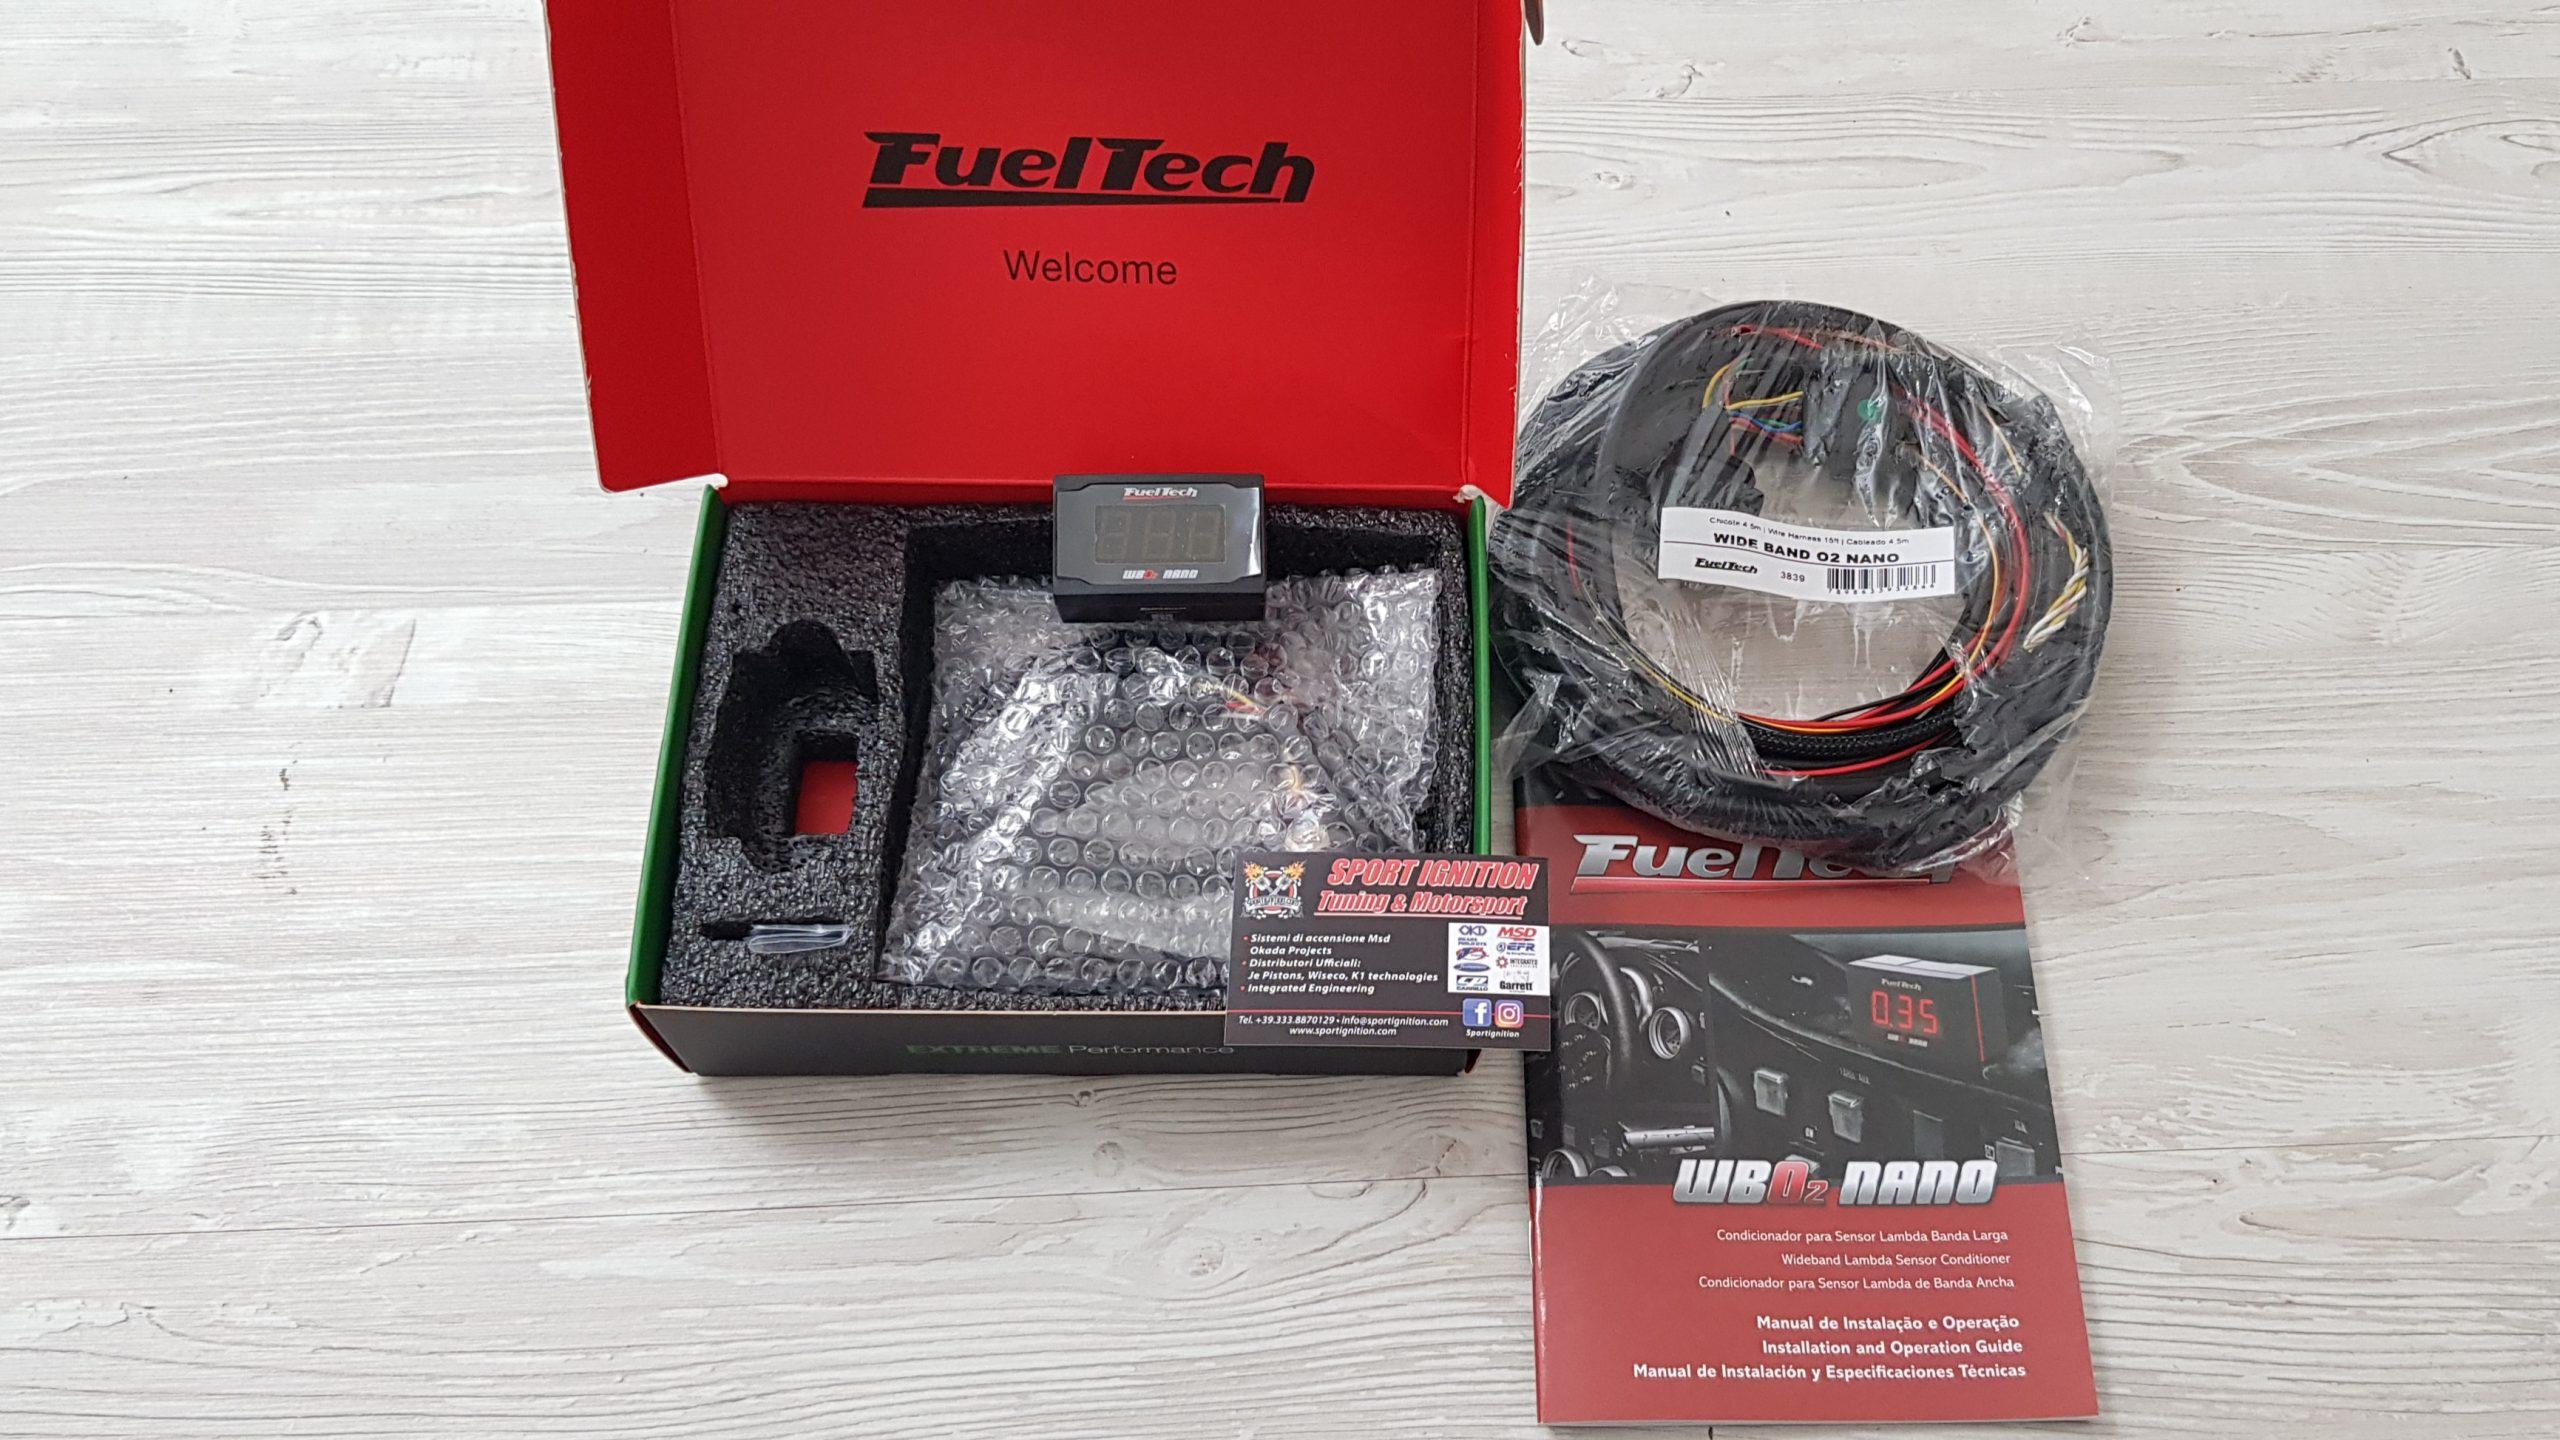 Fuel tech Nano WB O2 Sportignition